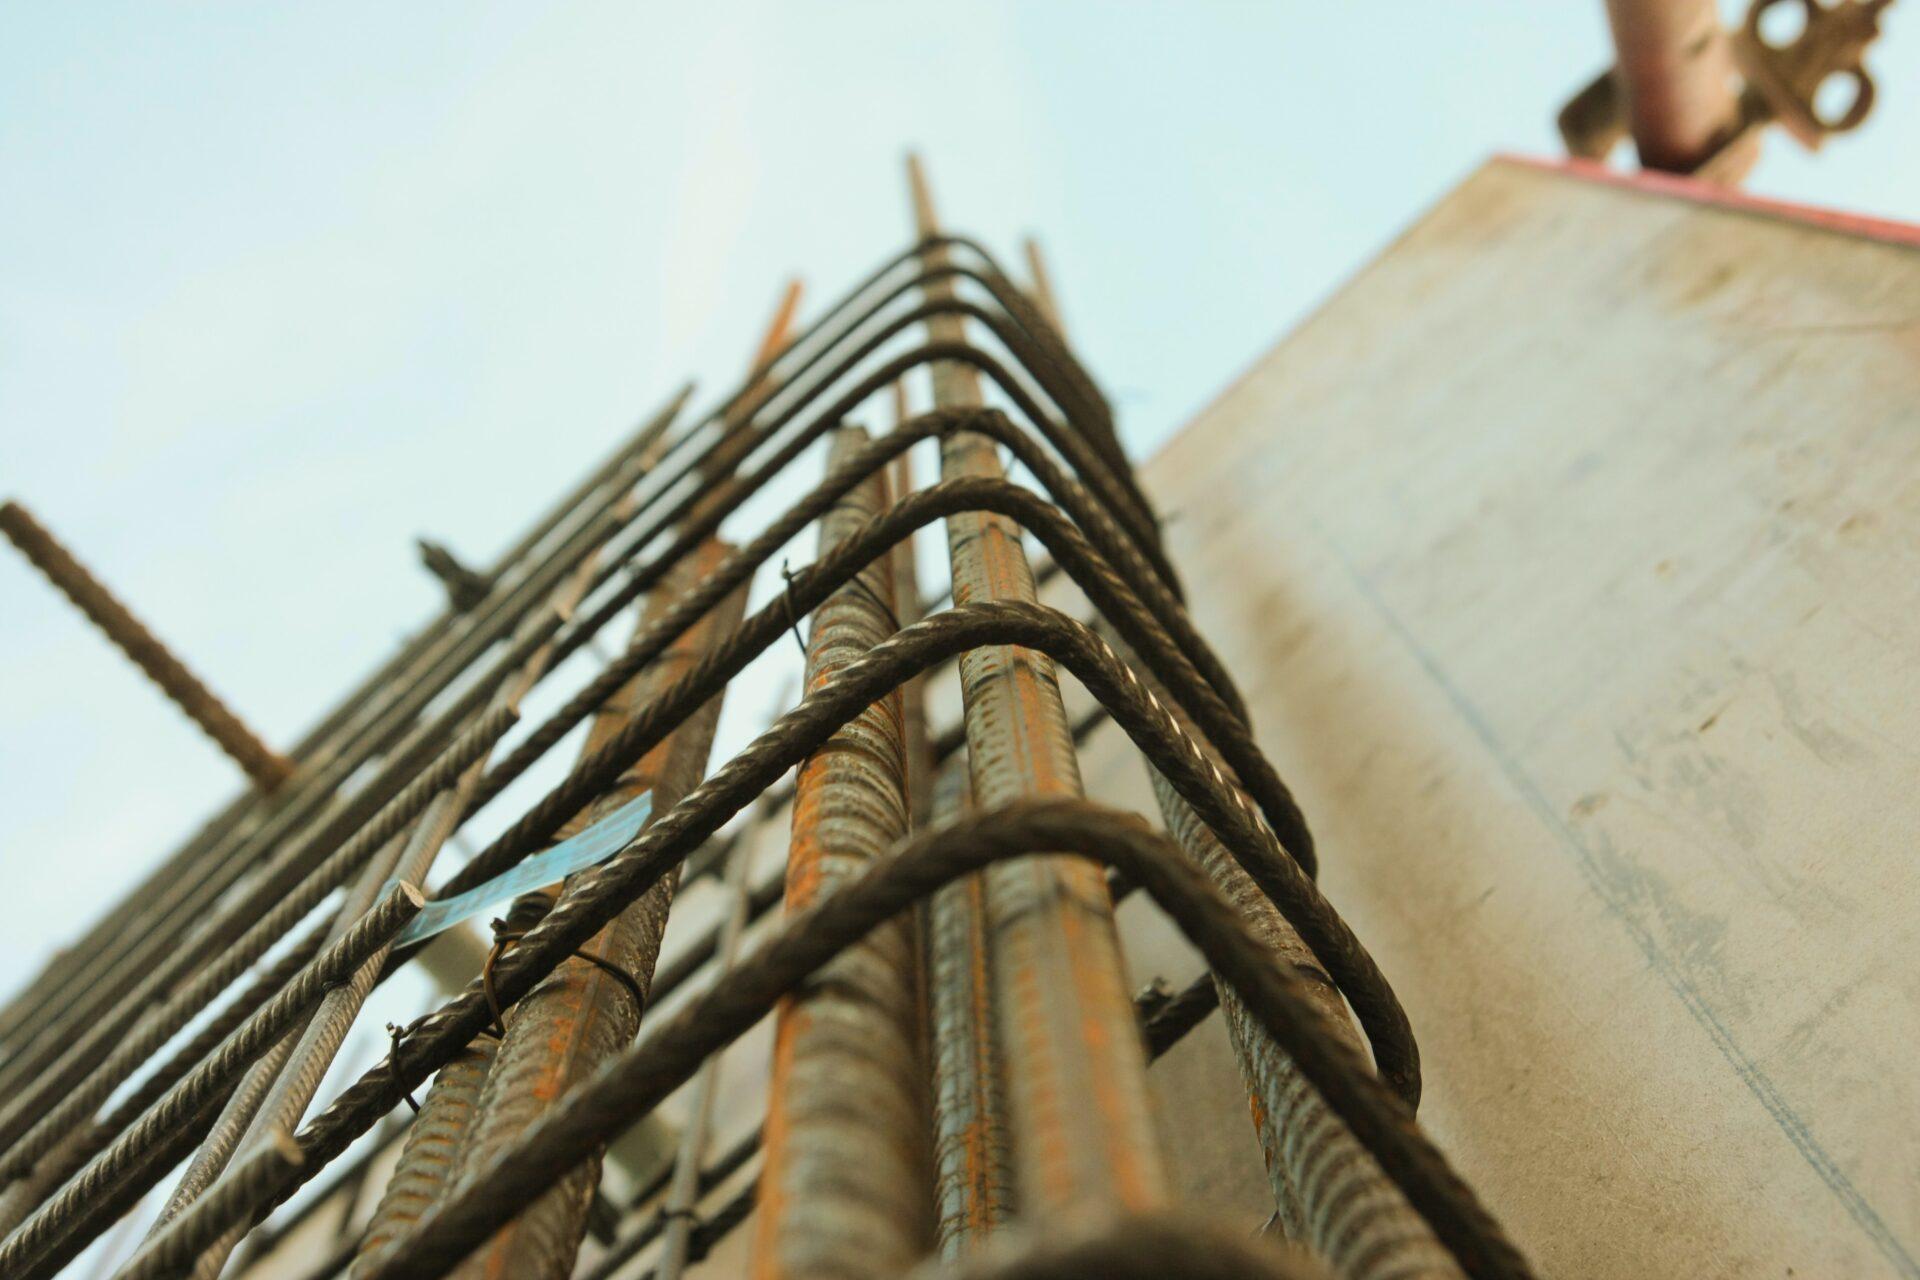 鉄筋施工技能士を取得する5つのメリット